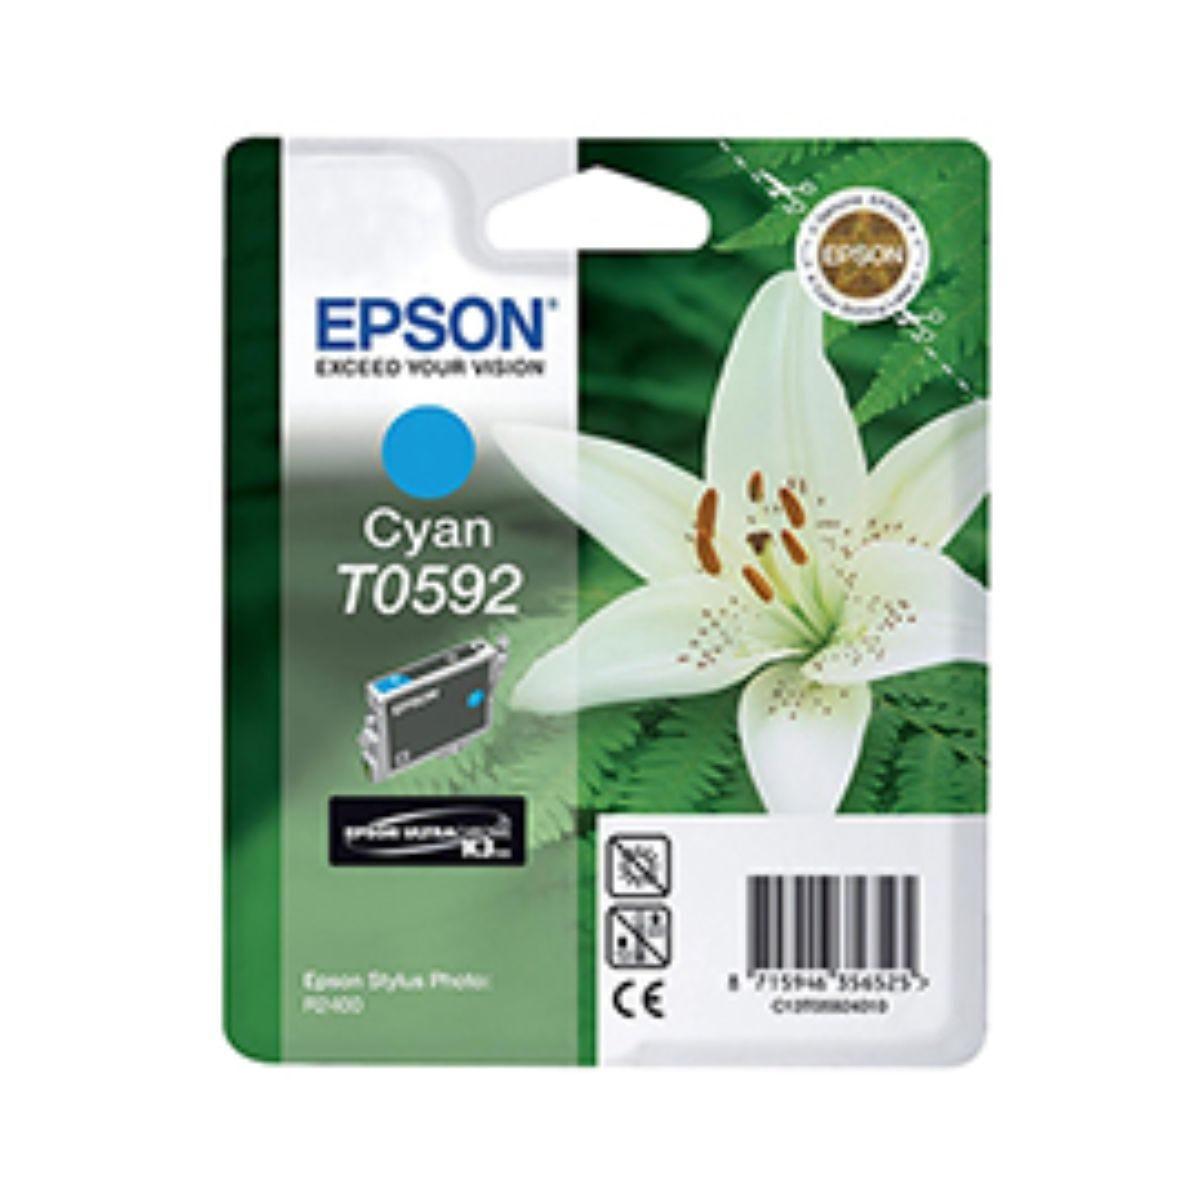 Epson T0592 Ink Cartridge Cyan